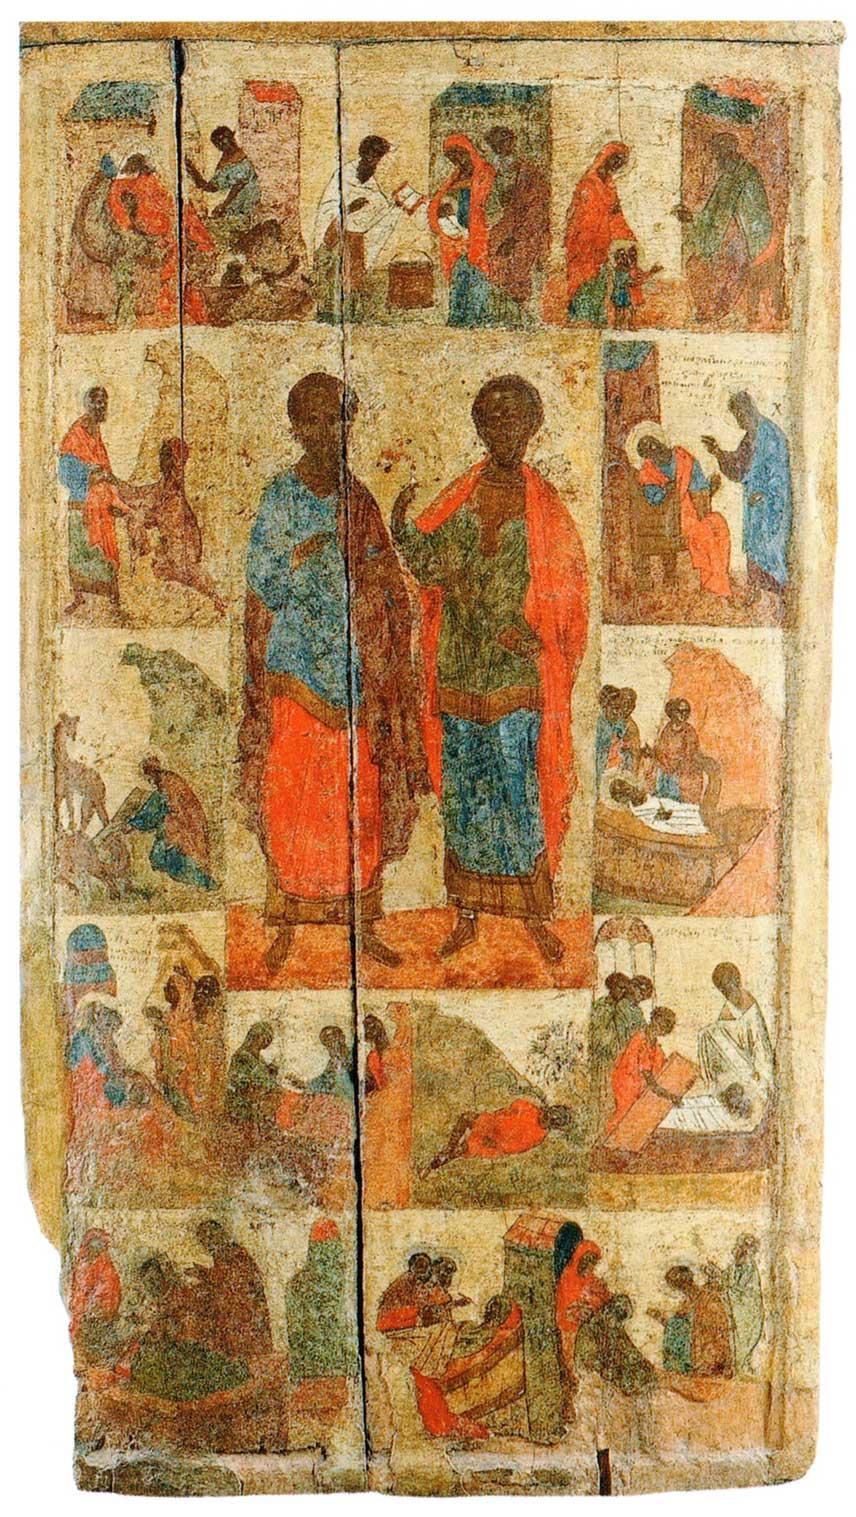 Святые врачи-бессребреники Косма и Дамиан, с житием